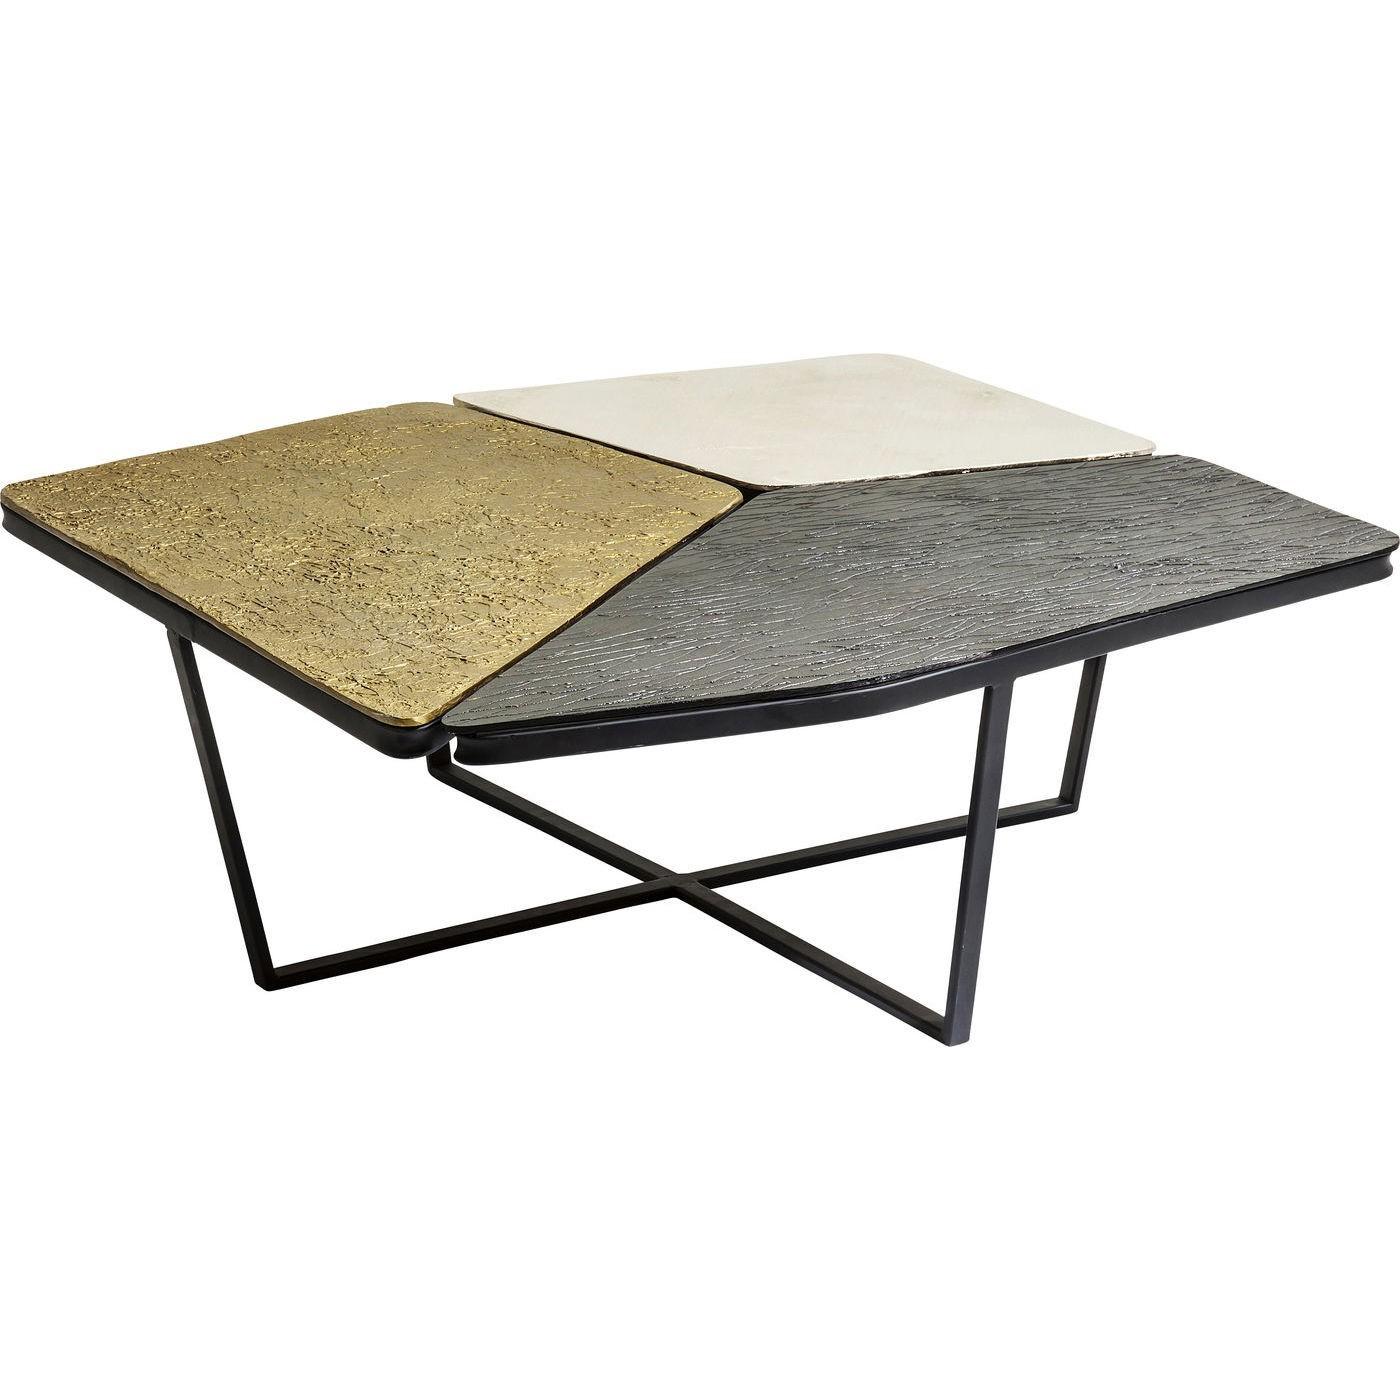 Table basse en acier et aluminium